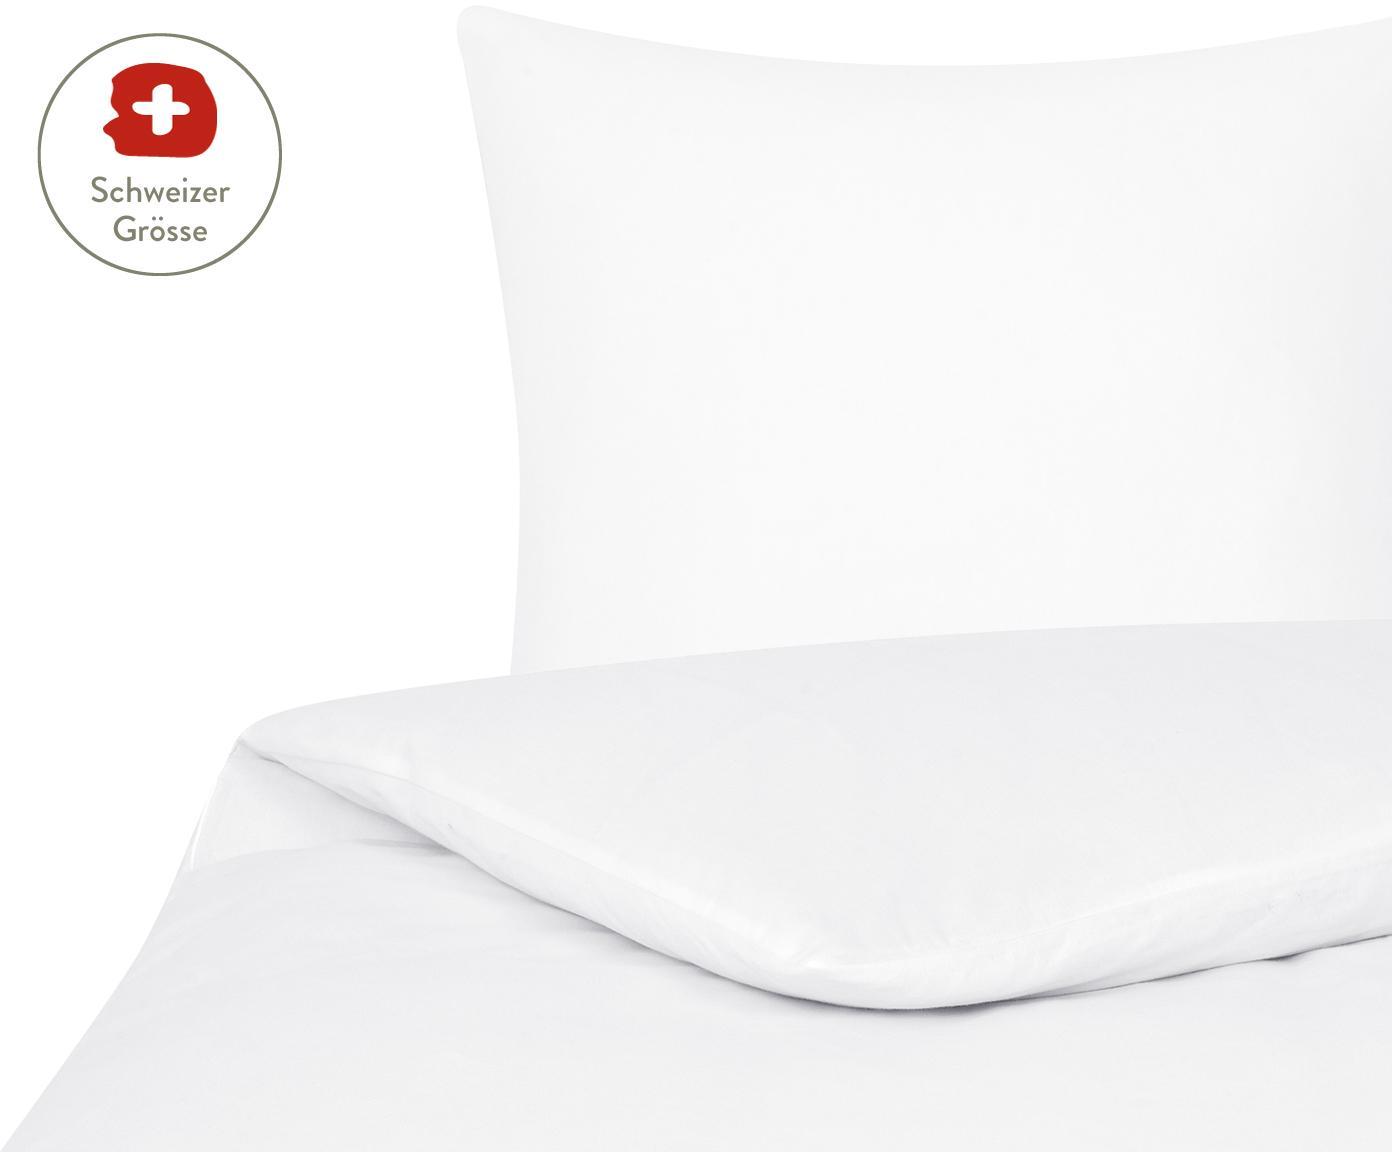 Flanell-Bettdeckenbezug Erica in Weiss, Webart: Flanell, Weiss, 160 x 210 cm